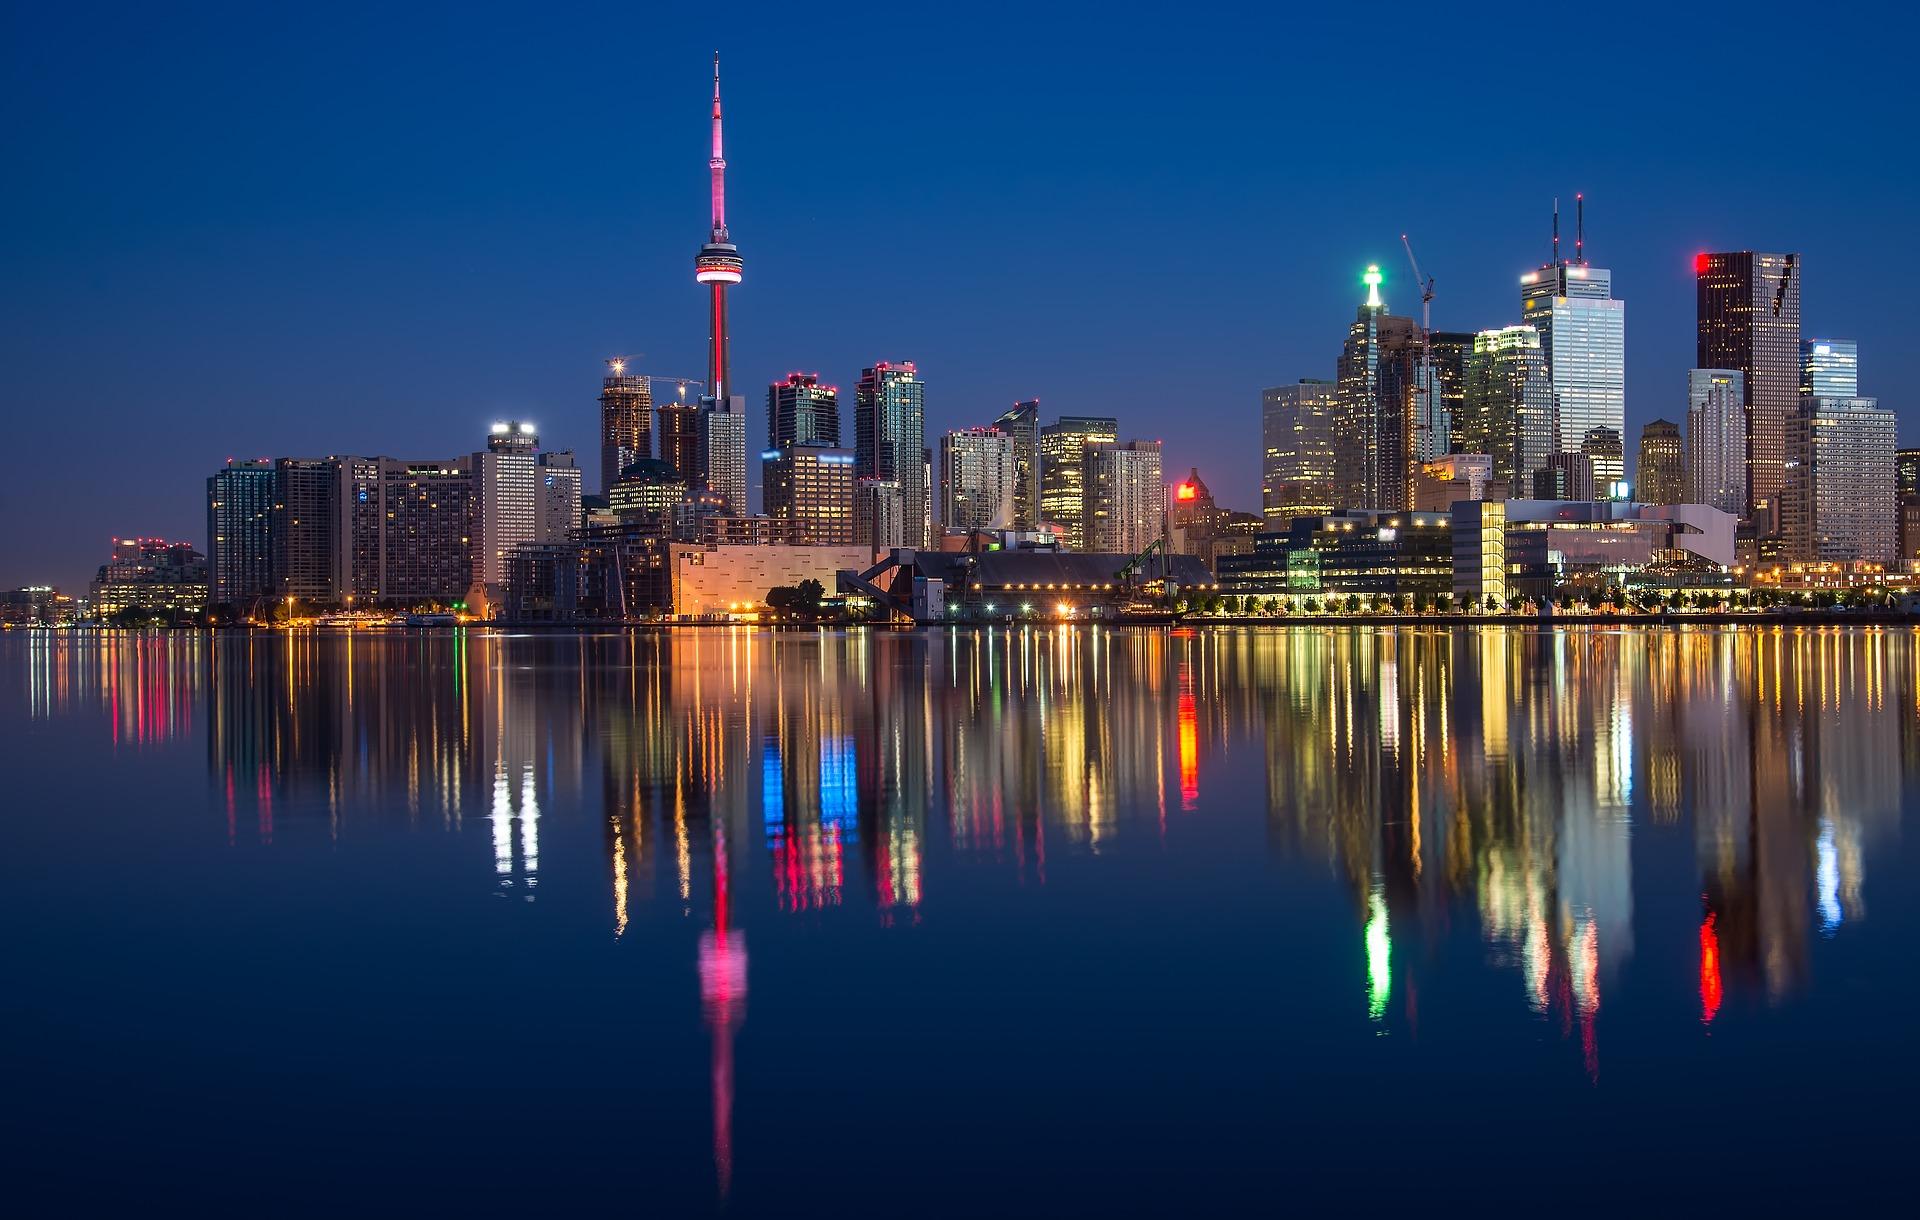 แคนาดาประกาศลงทุนปรับระบบขนส่งมวลชนทั่วประเทศเป็นพลังงานไฟฟ้าในระยะเวลา 5 ปี